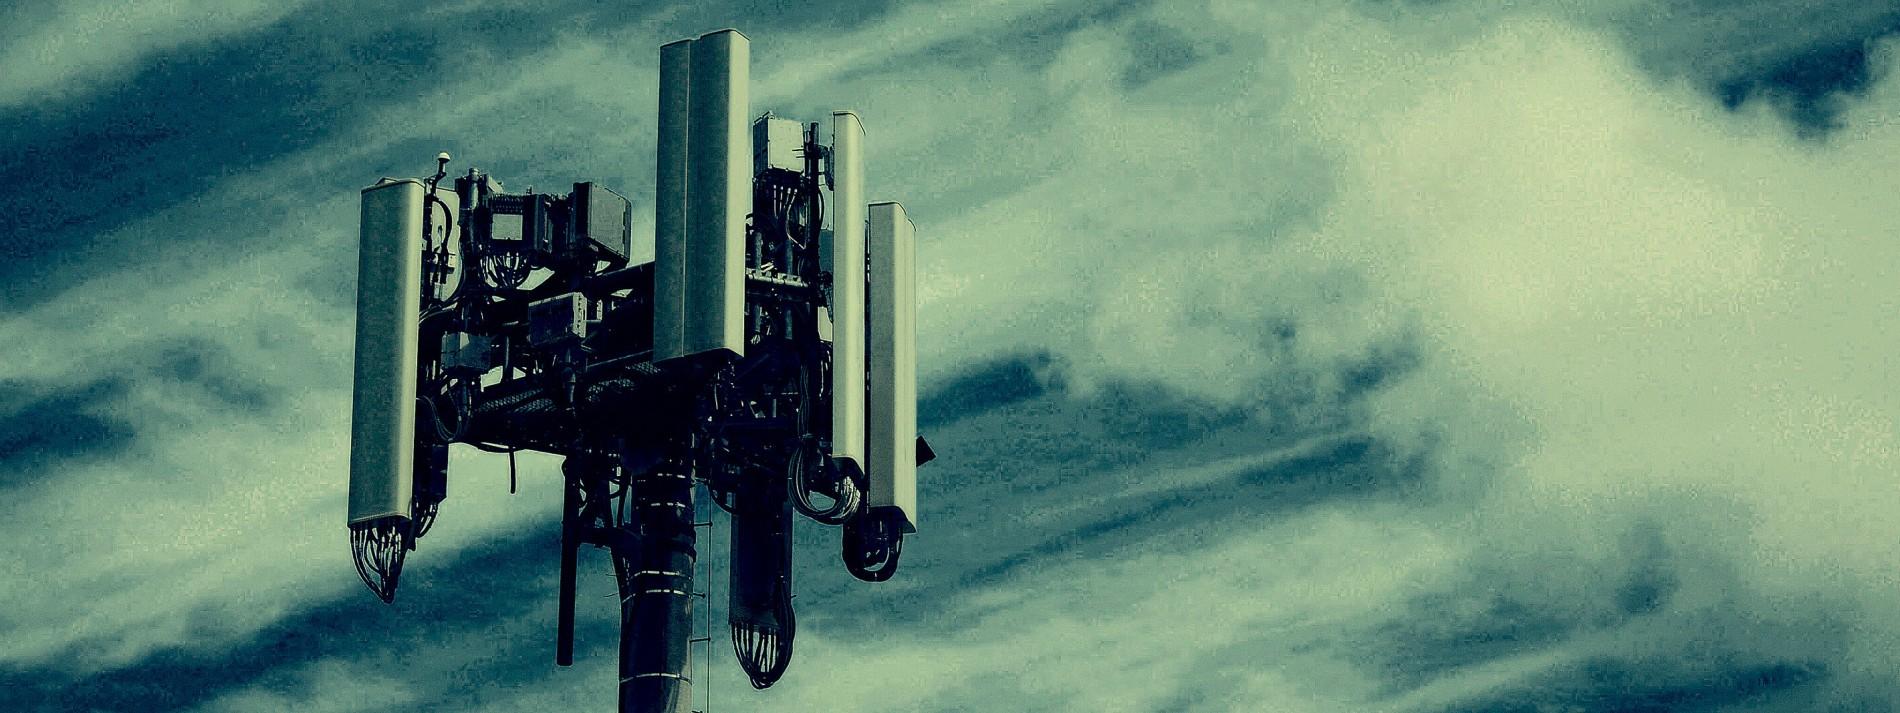 Diese Mobilfunk-Hoffnung ist trügerisch